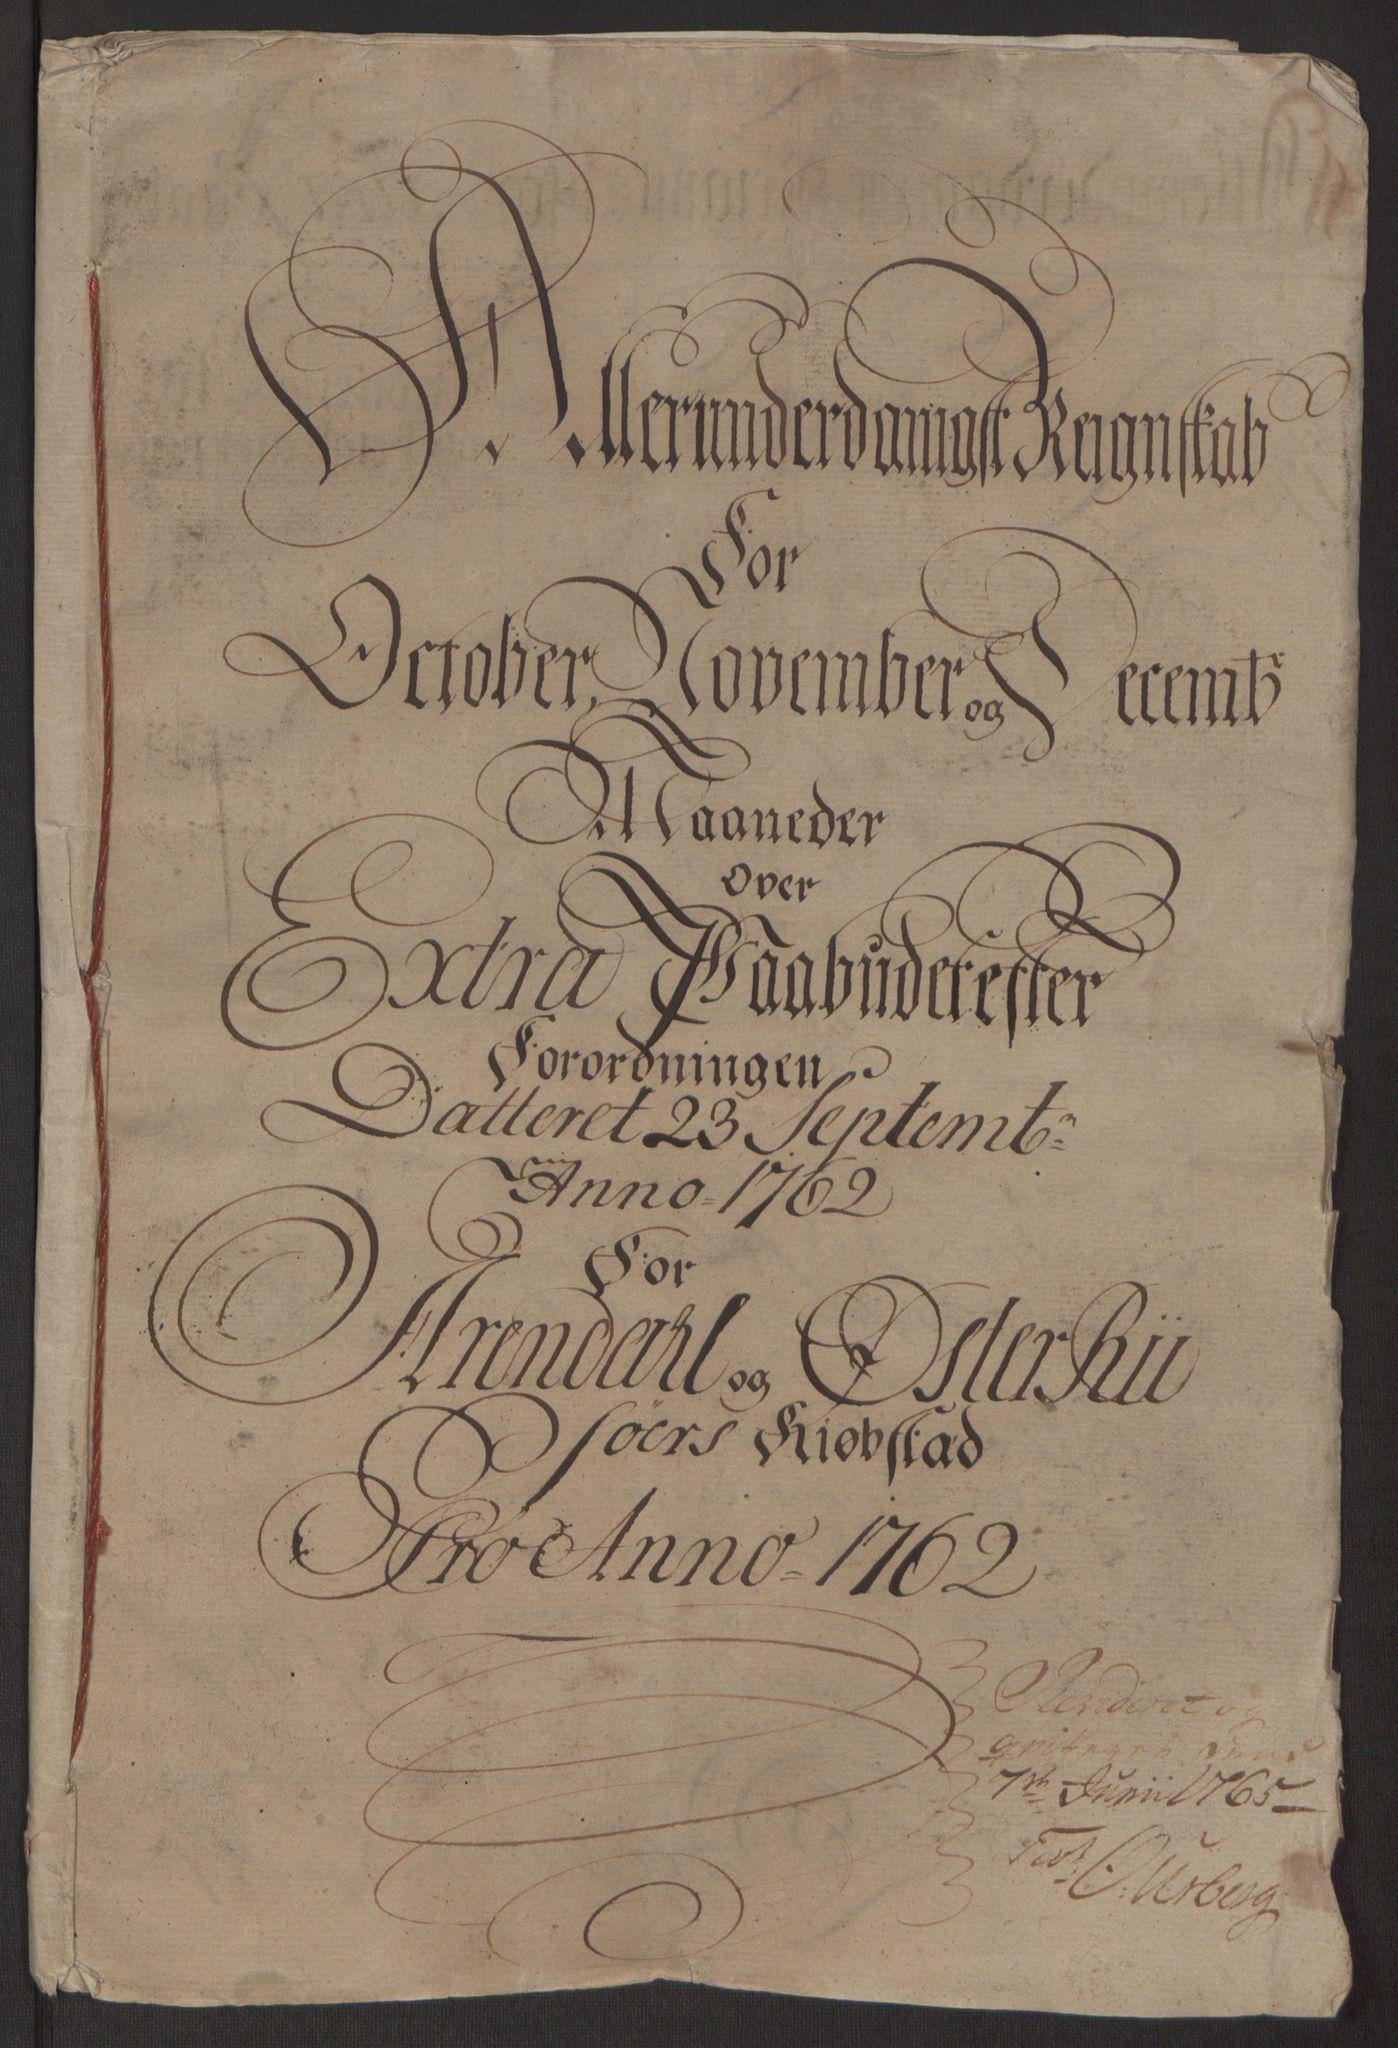 RA, Rentekammeret inntil 1814, Reviderte regnskaper, Byregnskaper, R/Rl/L0230: [L4] Kontribusjonsregnskap, 1762-1764, s. 4